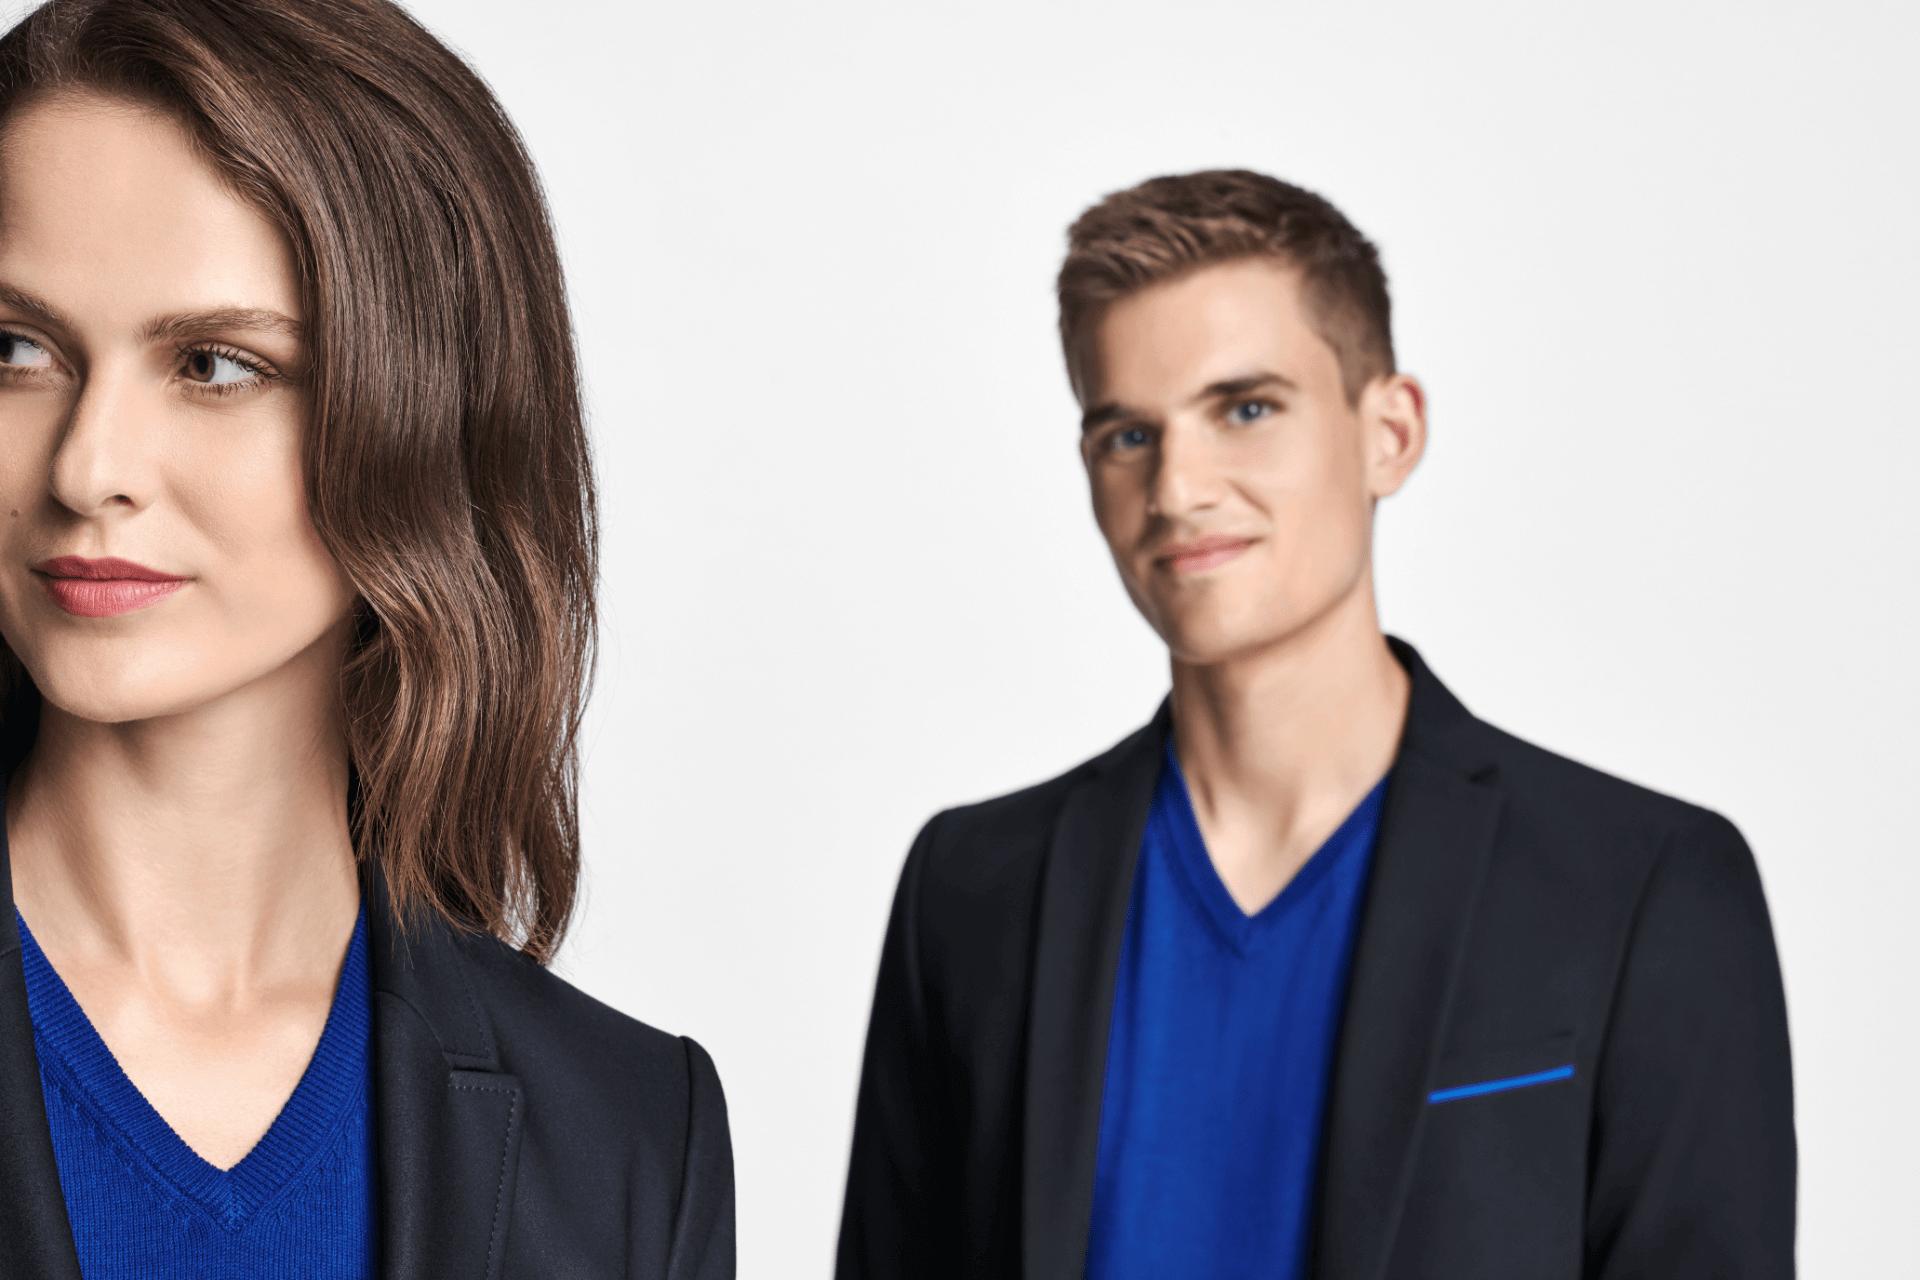 Professionelle Mitarbeiterbekleidung Businessbekleidung von OUTFIT